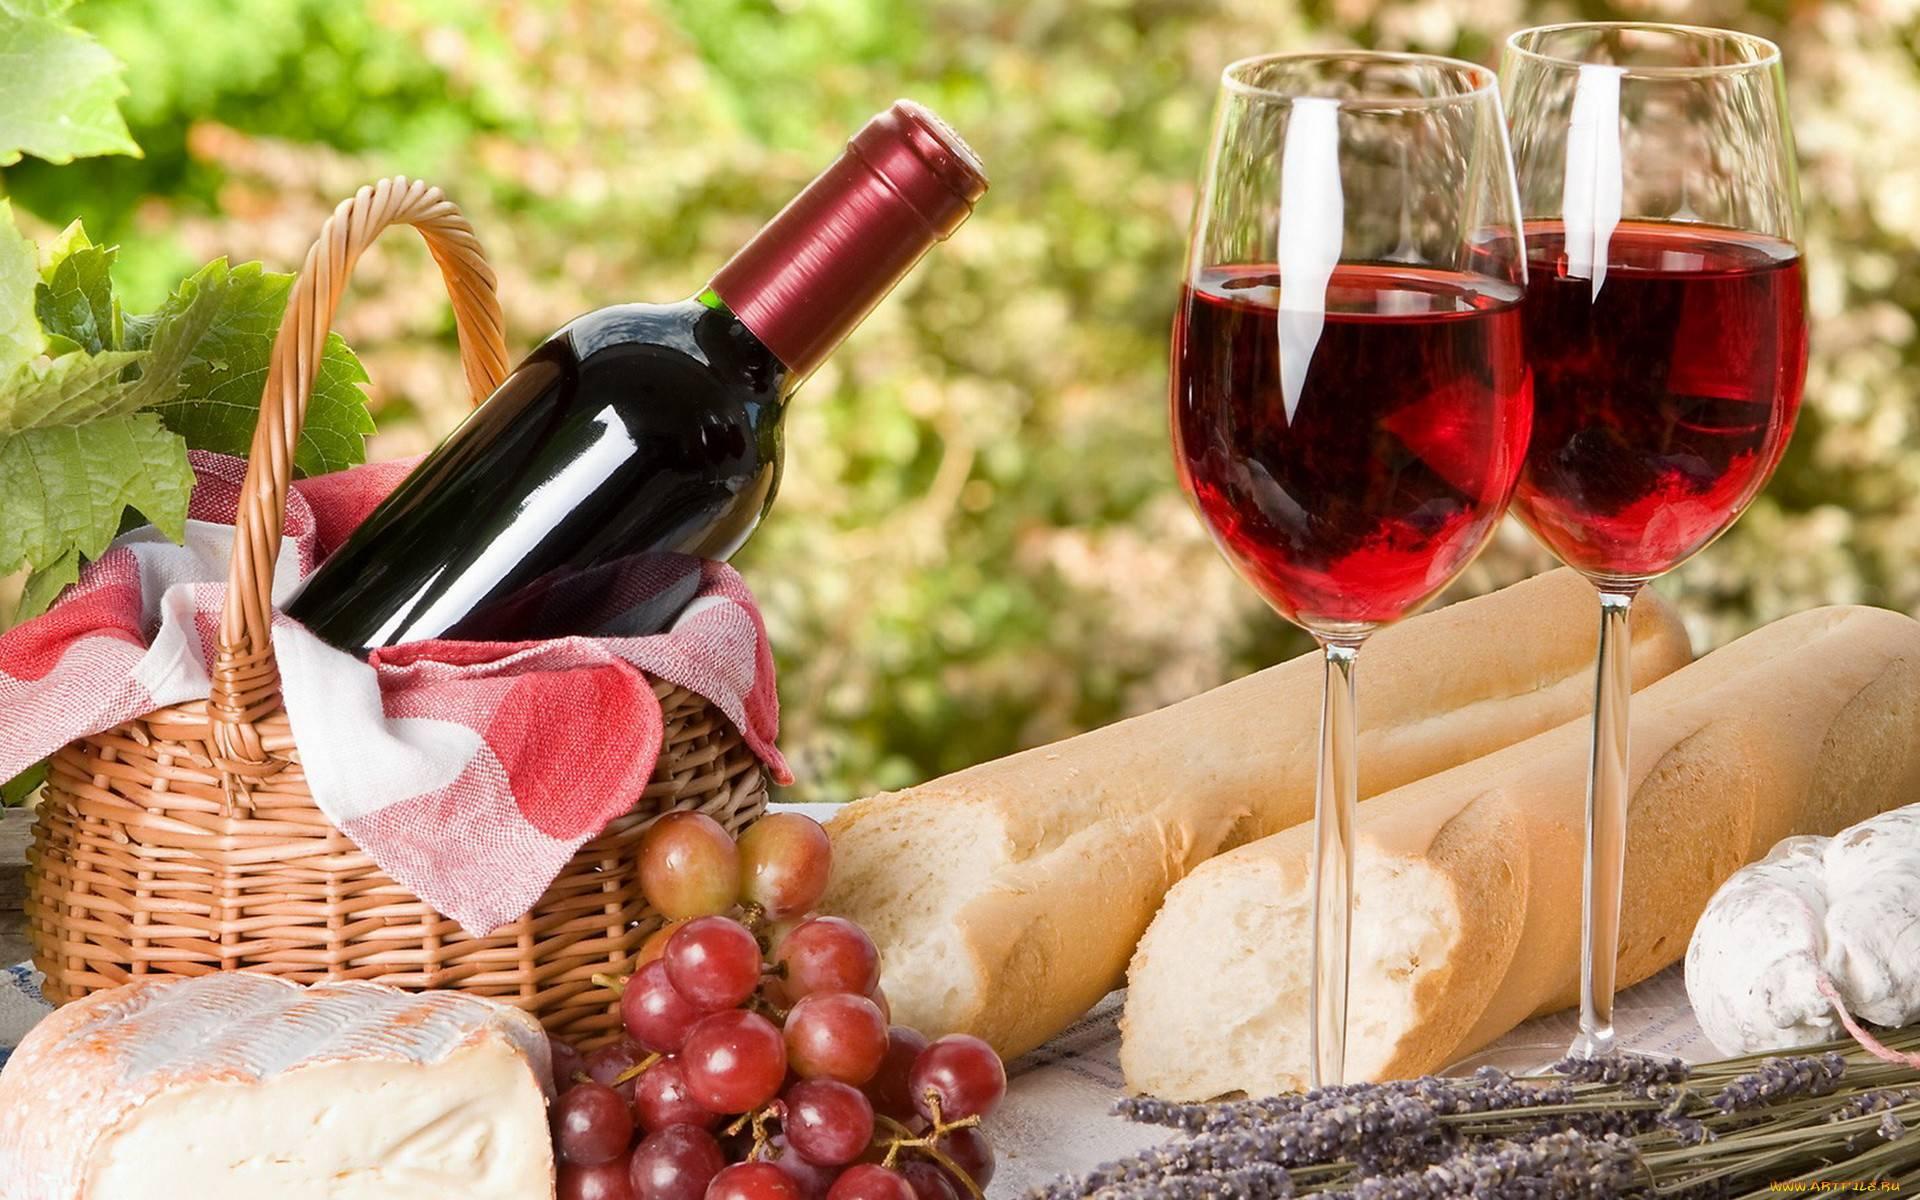 Как сделать самому вино из абрикосов дома